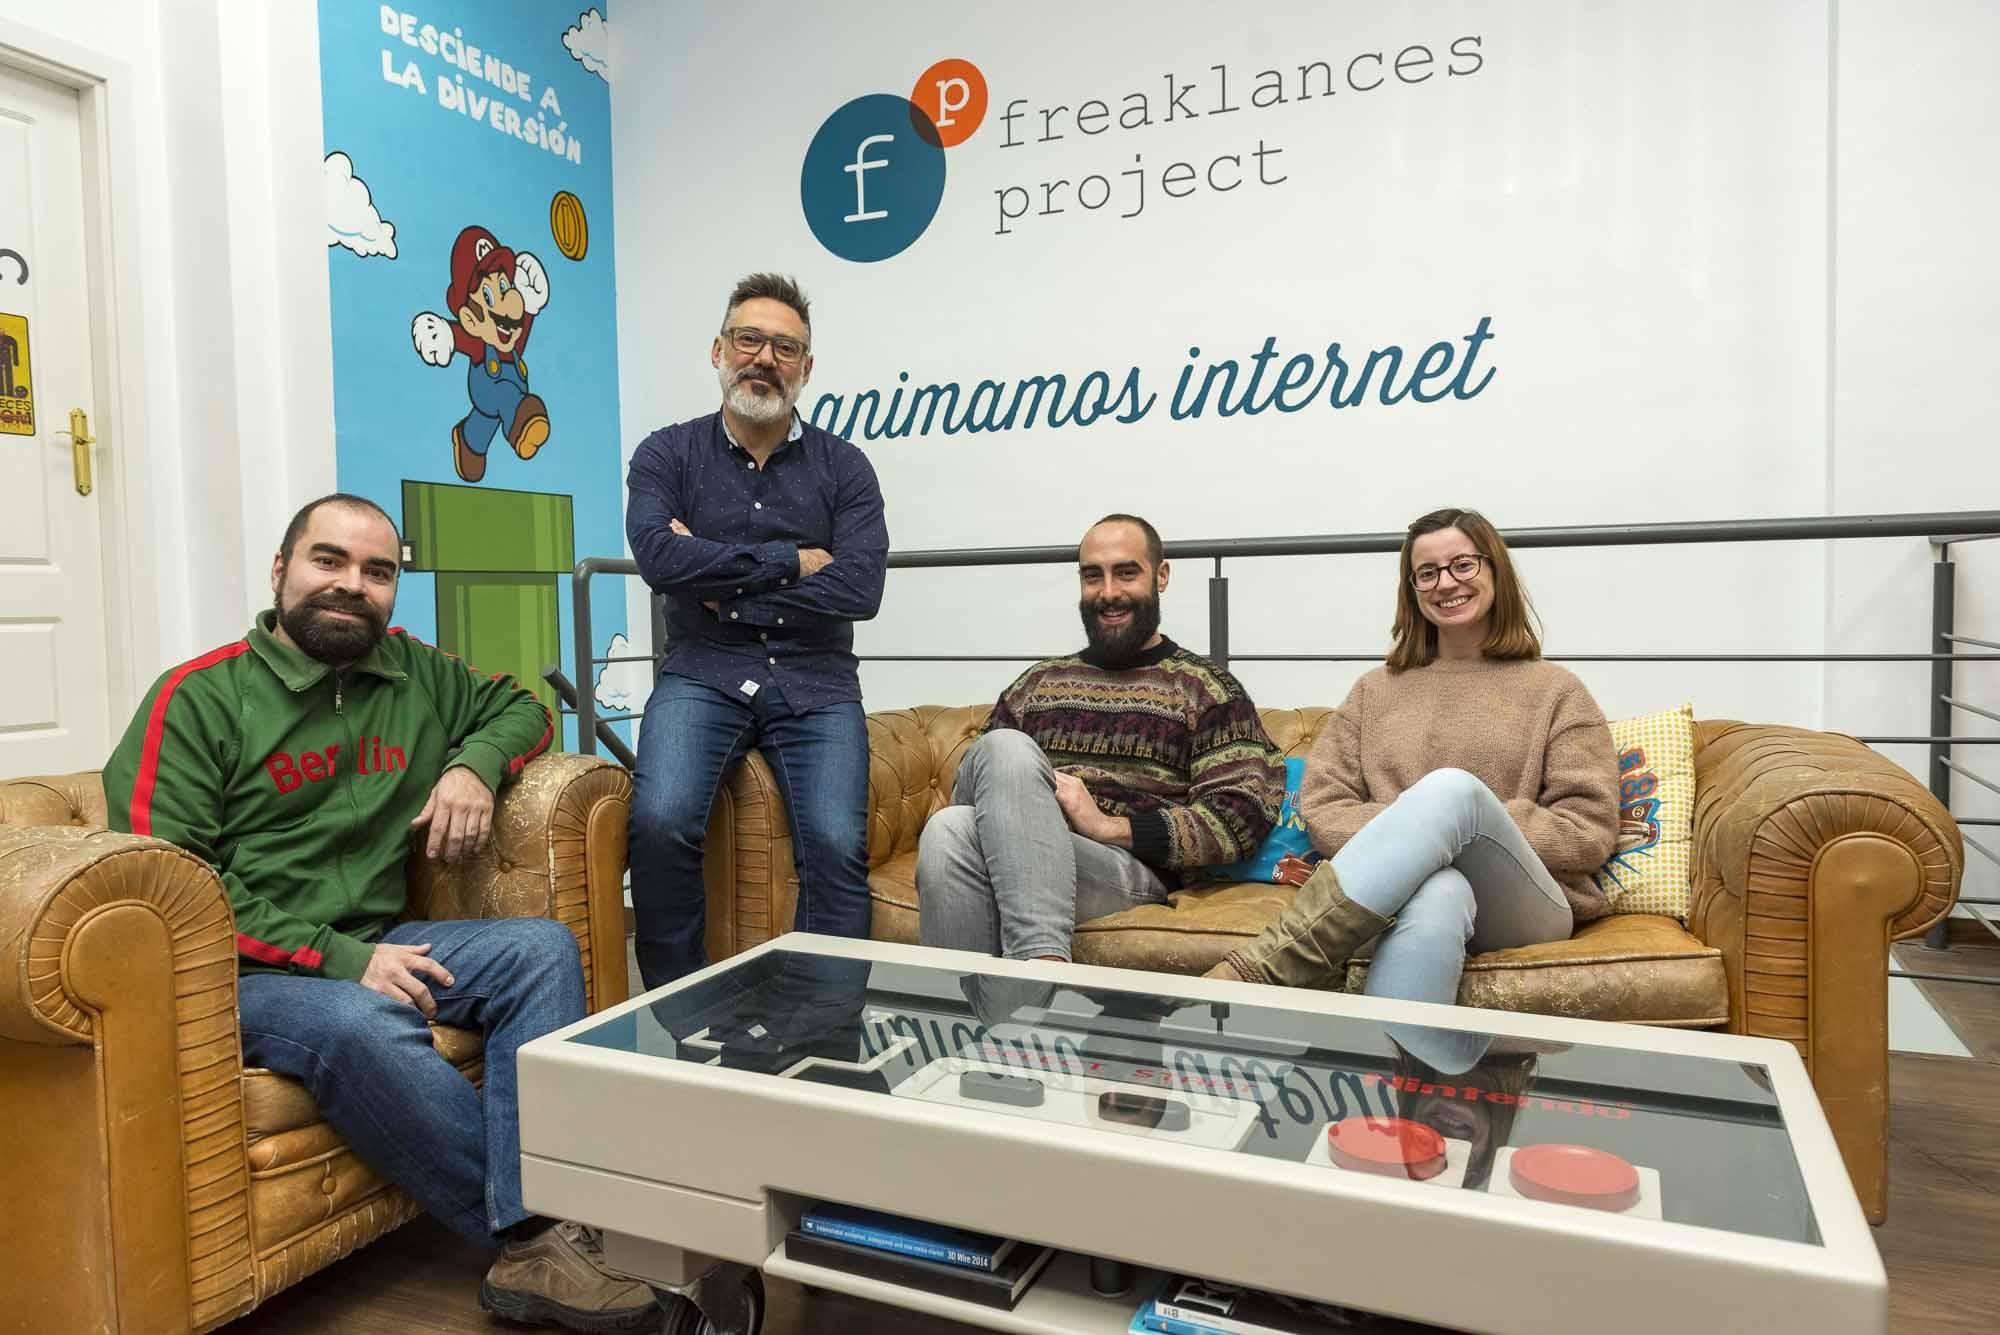 Agencia freaklances